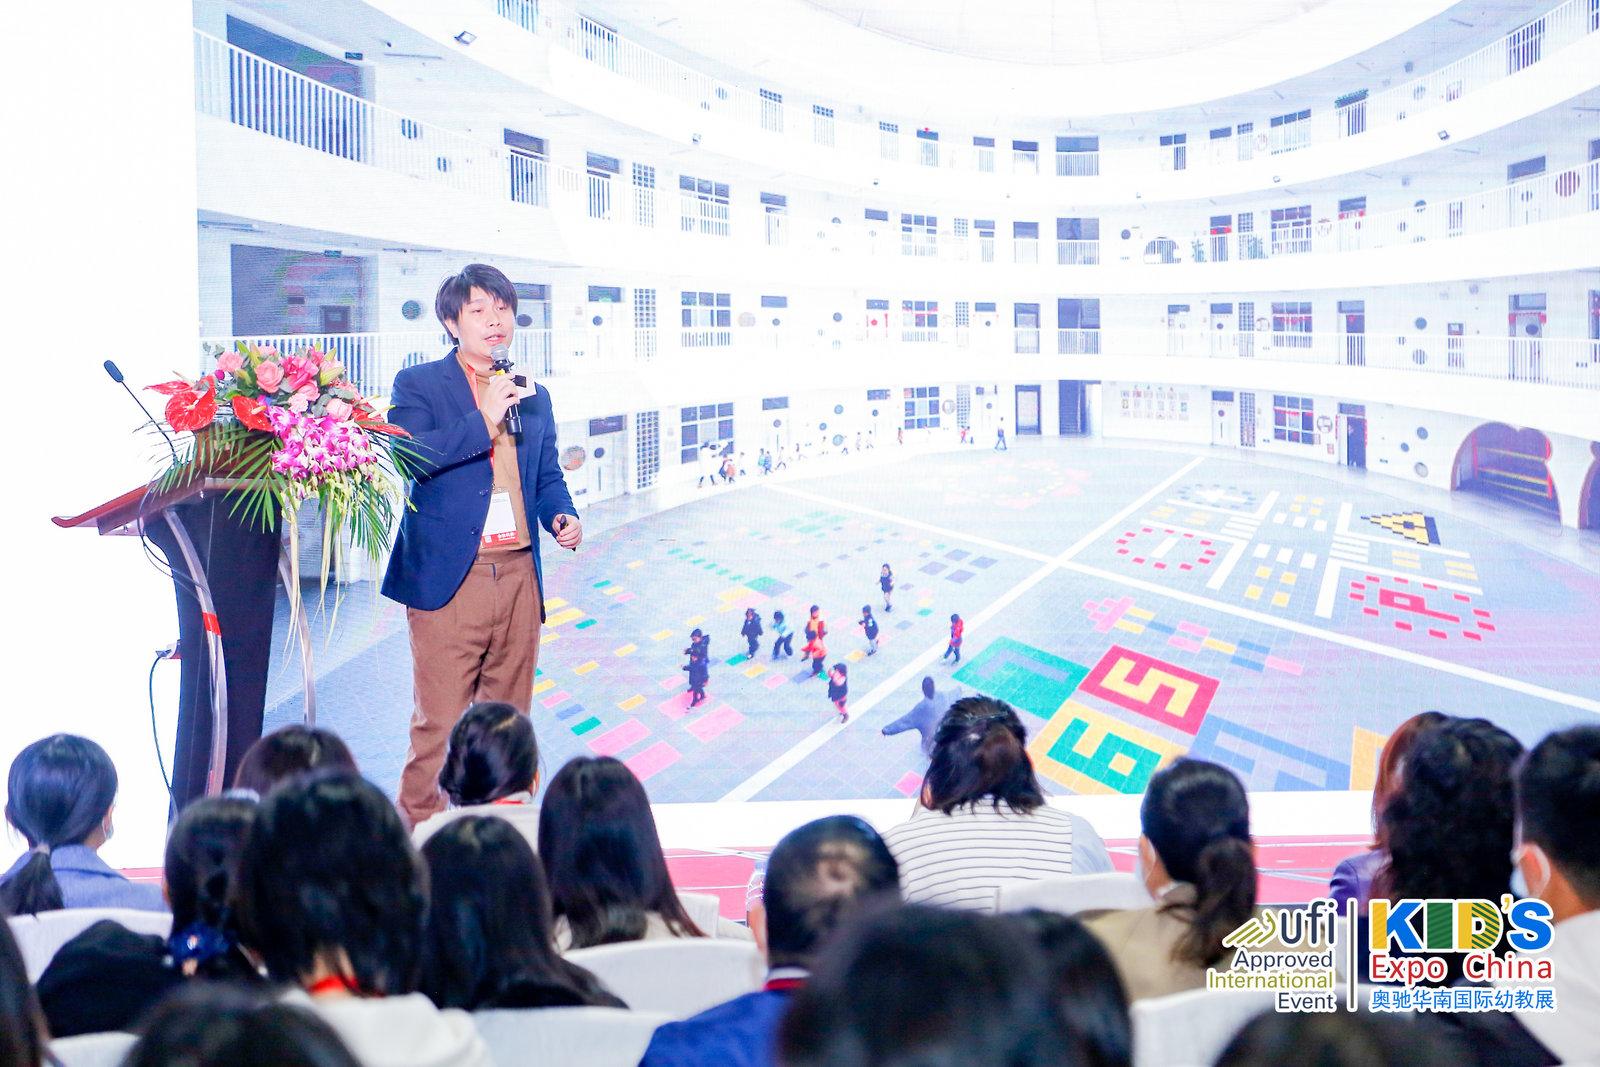 新设计—构建幼儿园环境新空间8